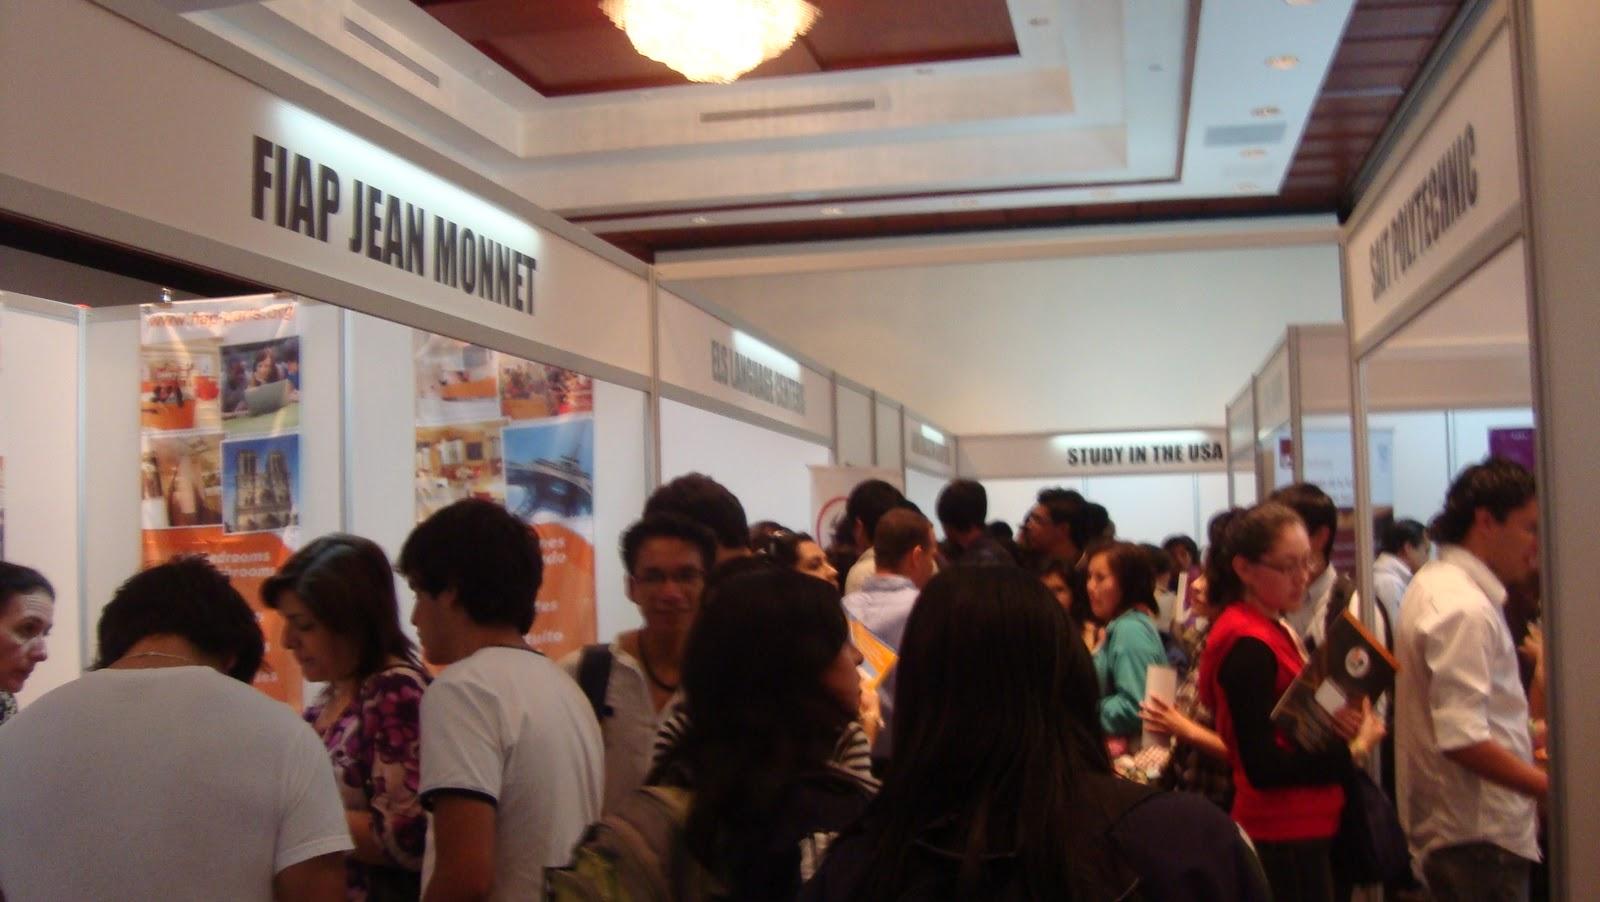 Formared: Capacitación y asesoría Educativa: Feria de ... - photo#39